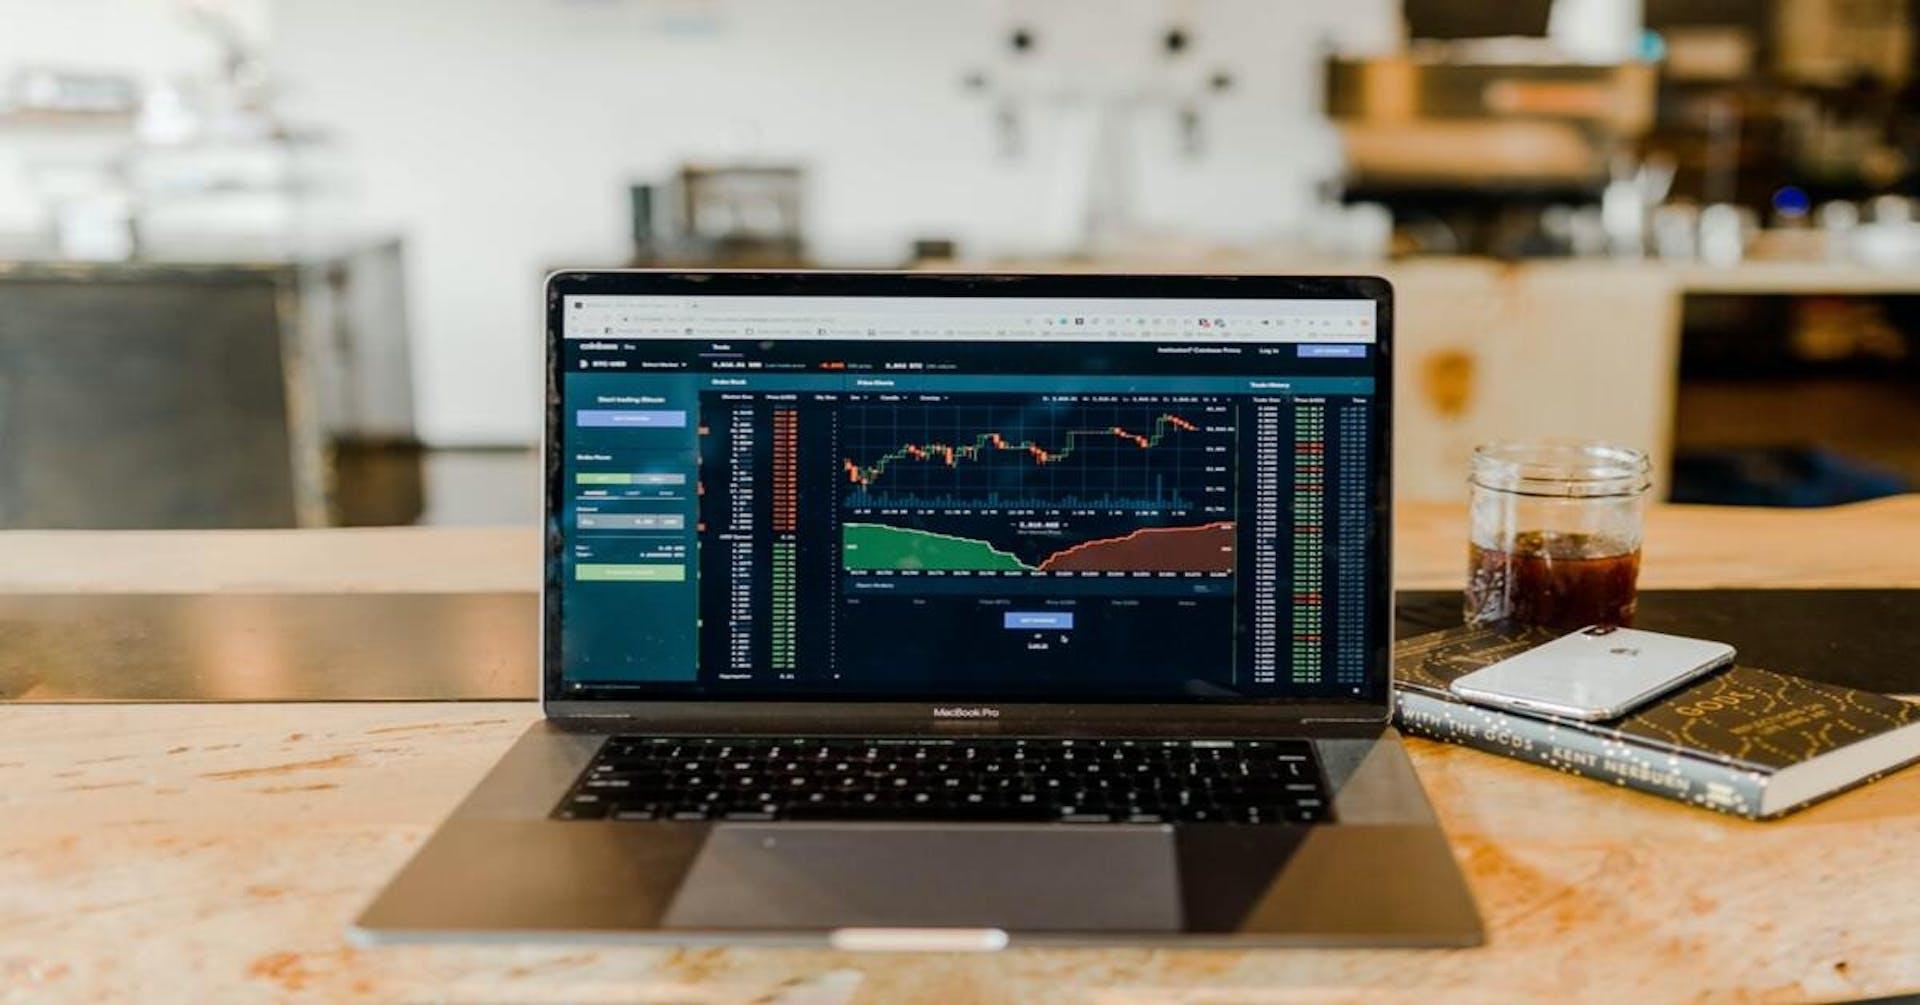 Análisis técnico vs fundamental: ¿qué evalúan los mejores inversores?